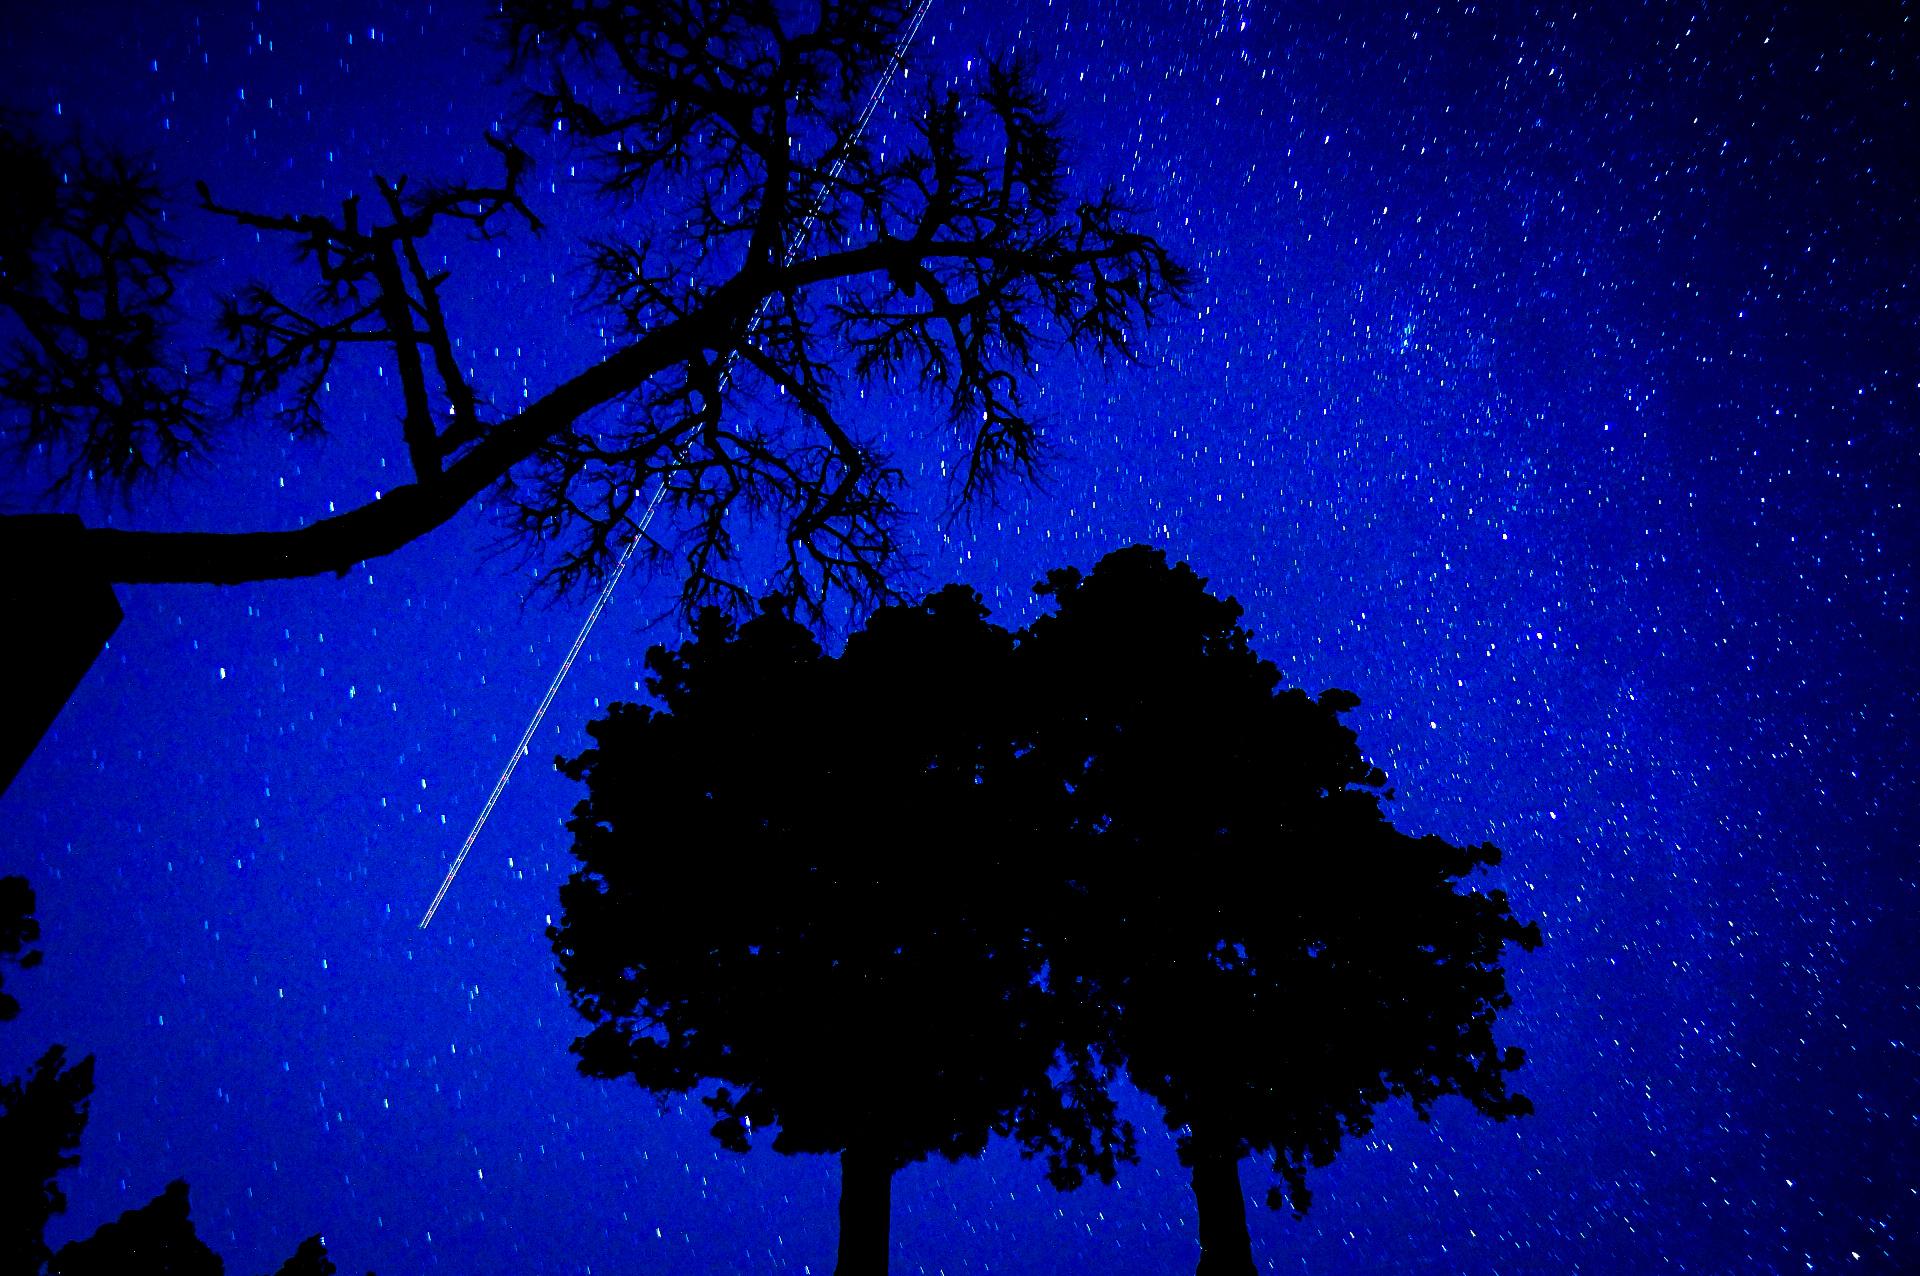 石垣島での星空ナイトツアーは流れ星がみえる